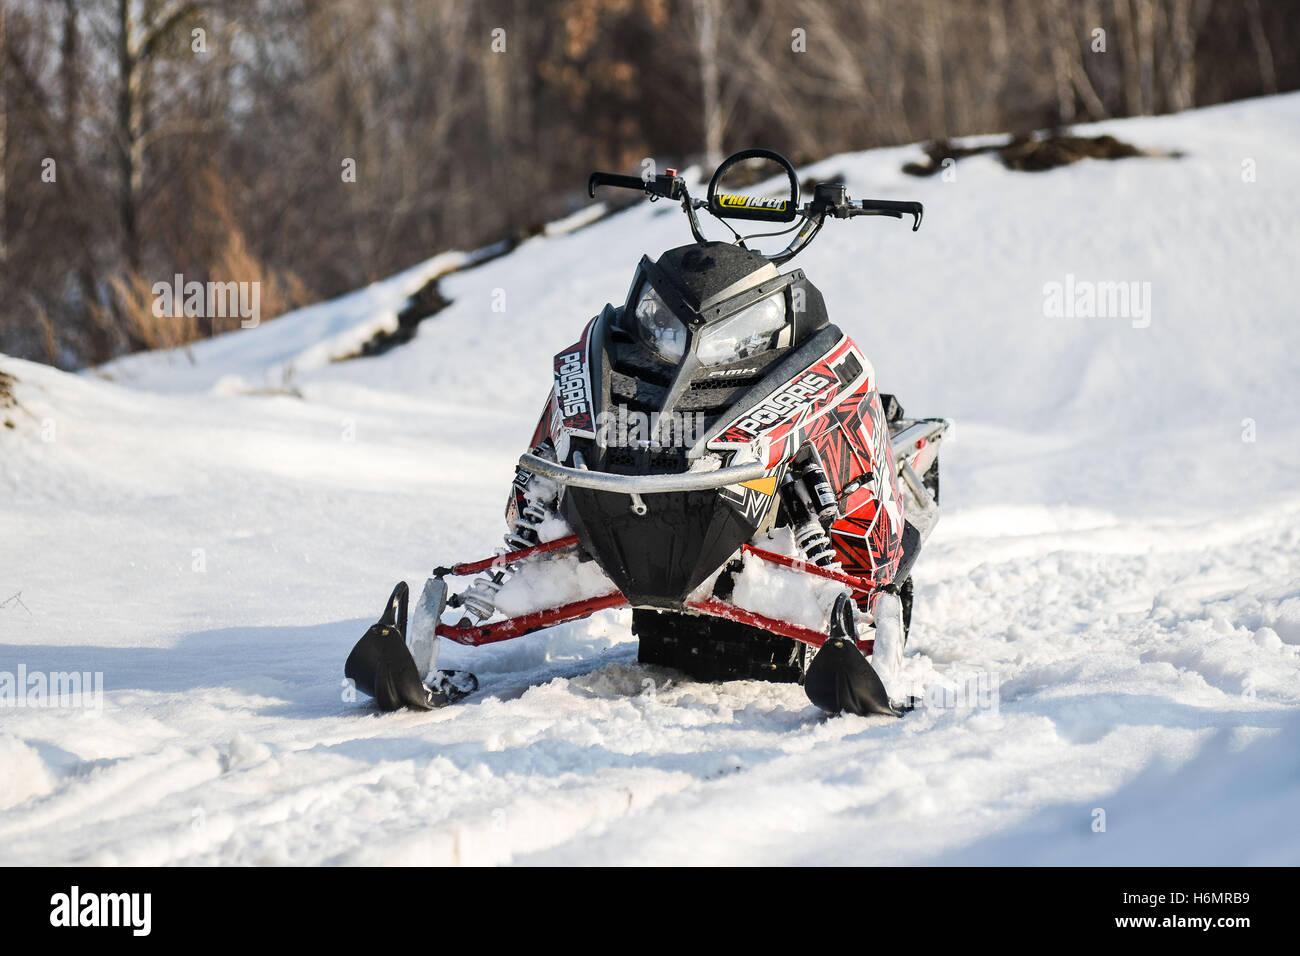 sports mountain snowmobile - Stock Image